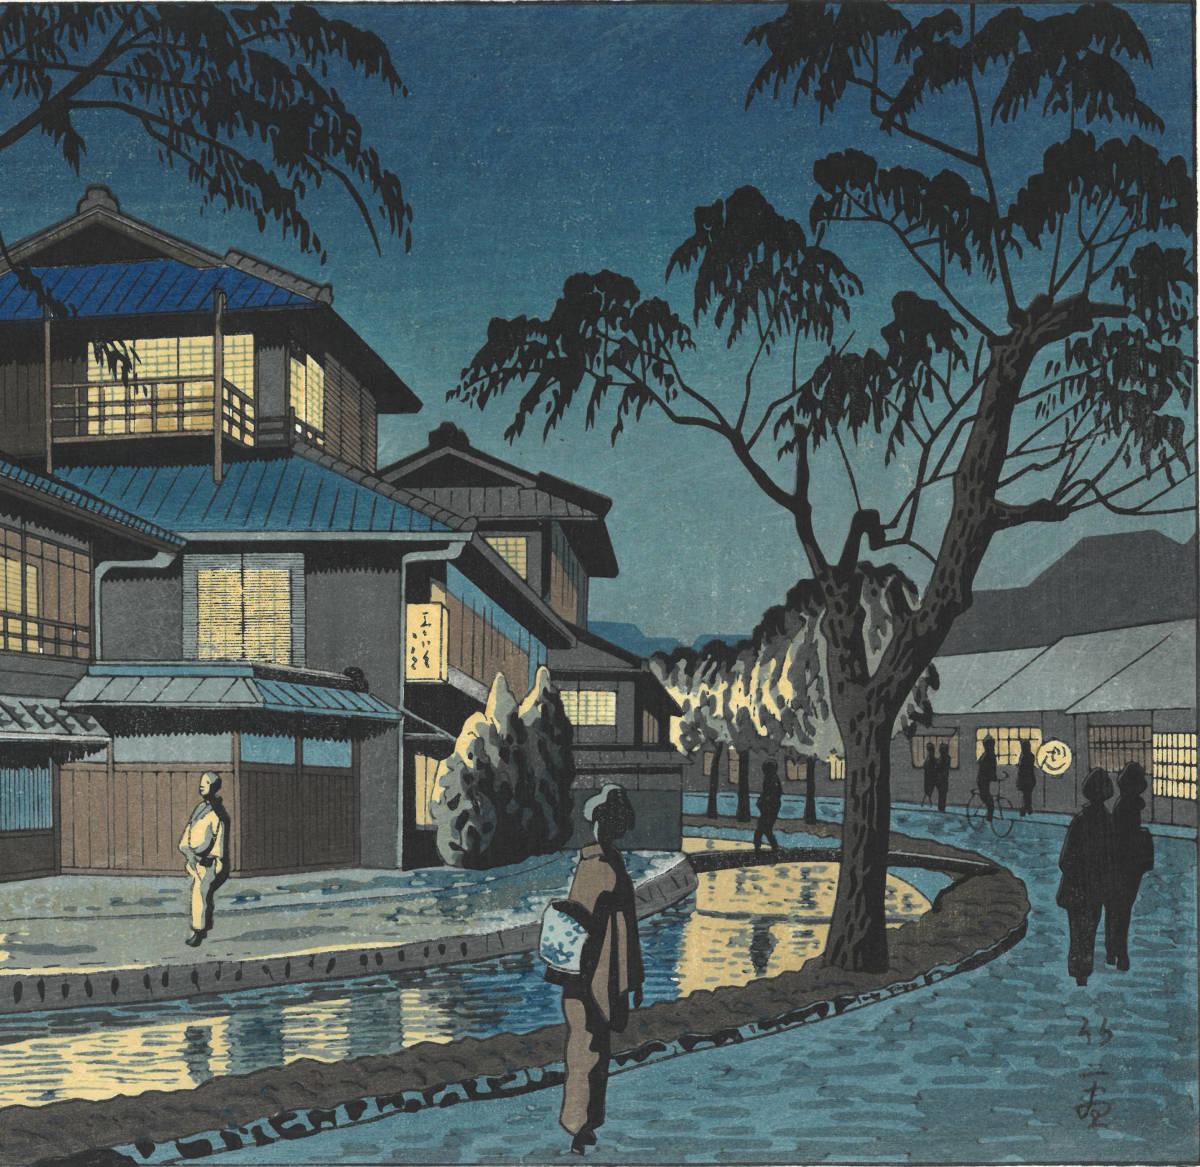 浅野竹二 (Asano Takeji) 木版画 TA18 木屋町 新版画 初版昭和20年頃 京都の一流の摺師の技をご堪能下さい!!_画像8